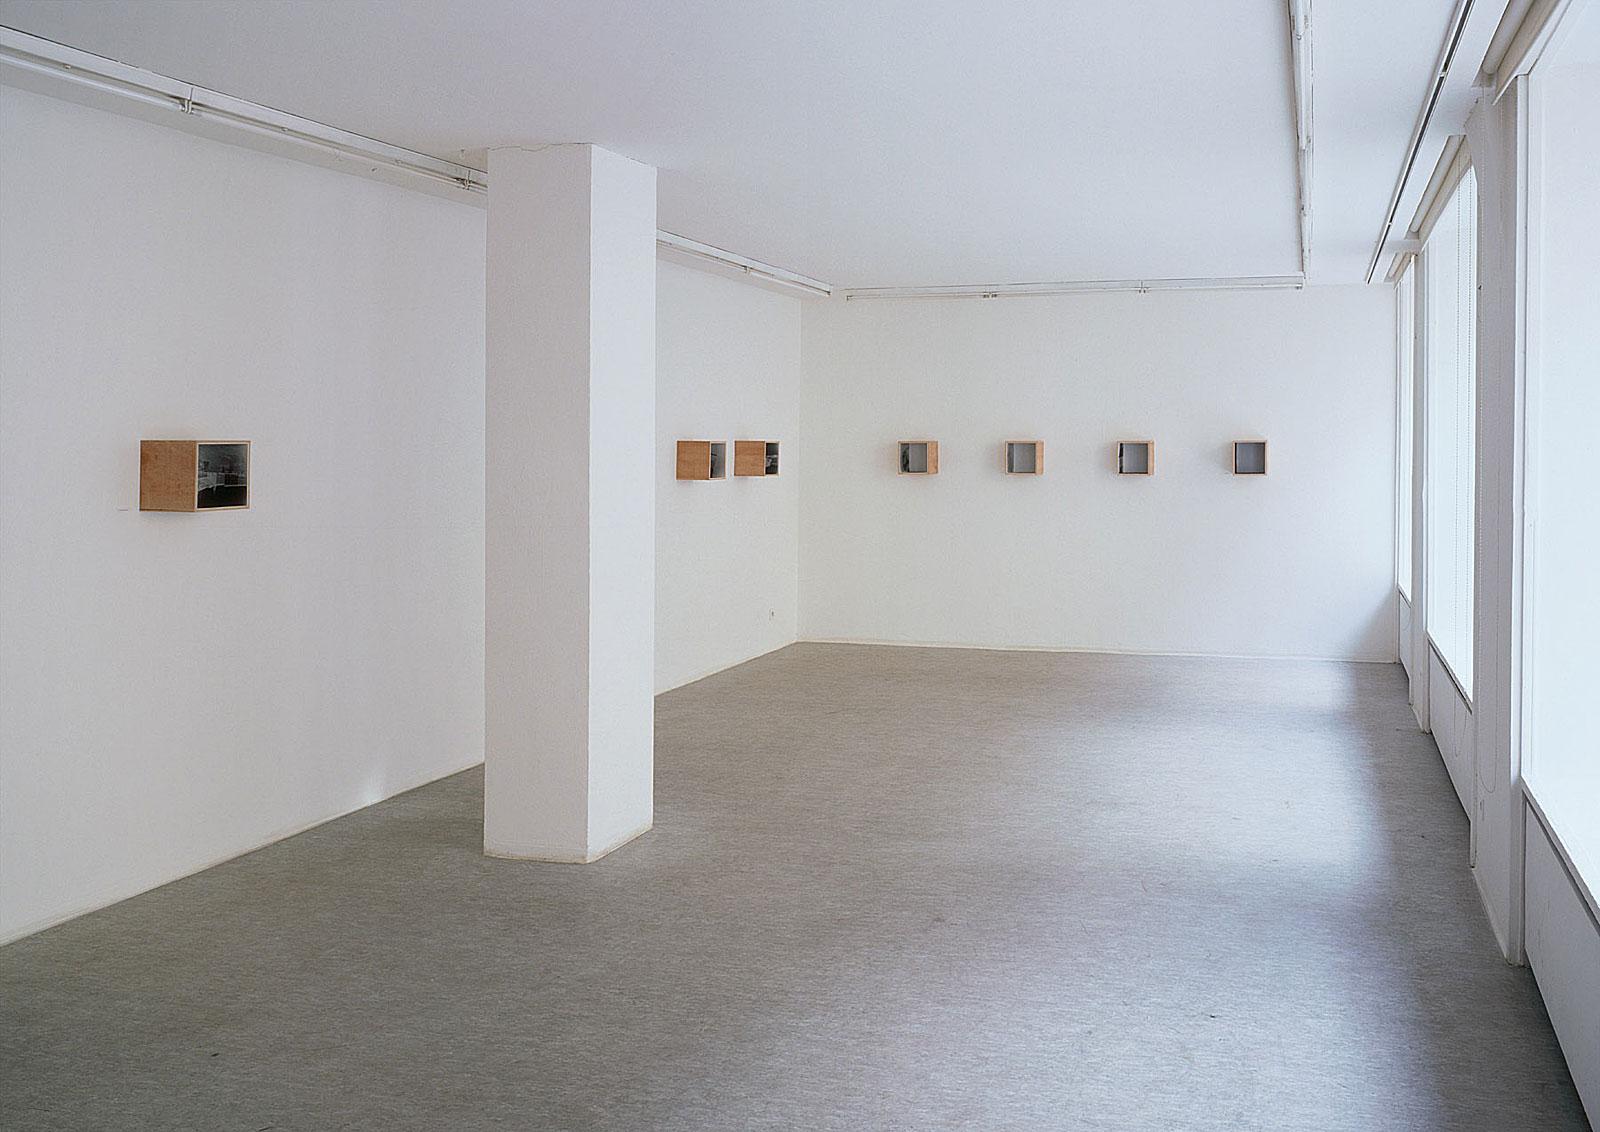 Salzburg 1990, Camera Controversa, Ladengalerie Lothringerstrasse München